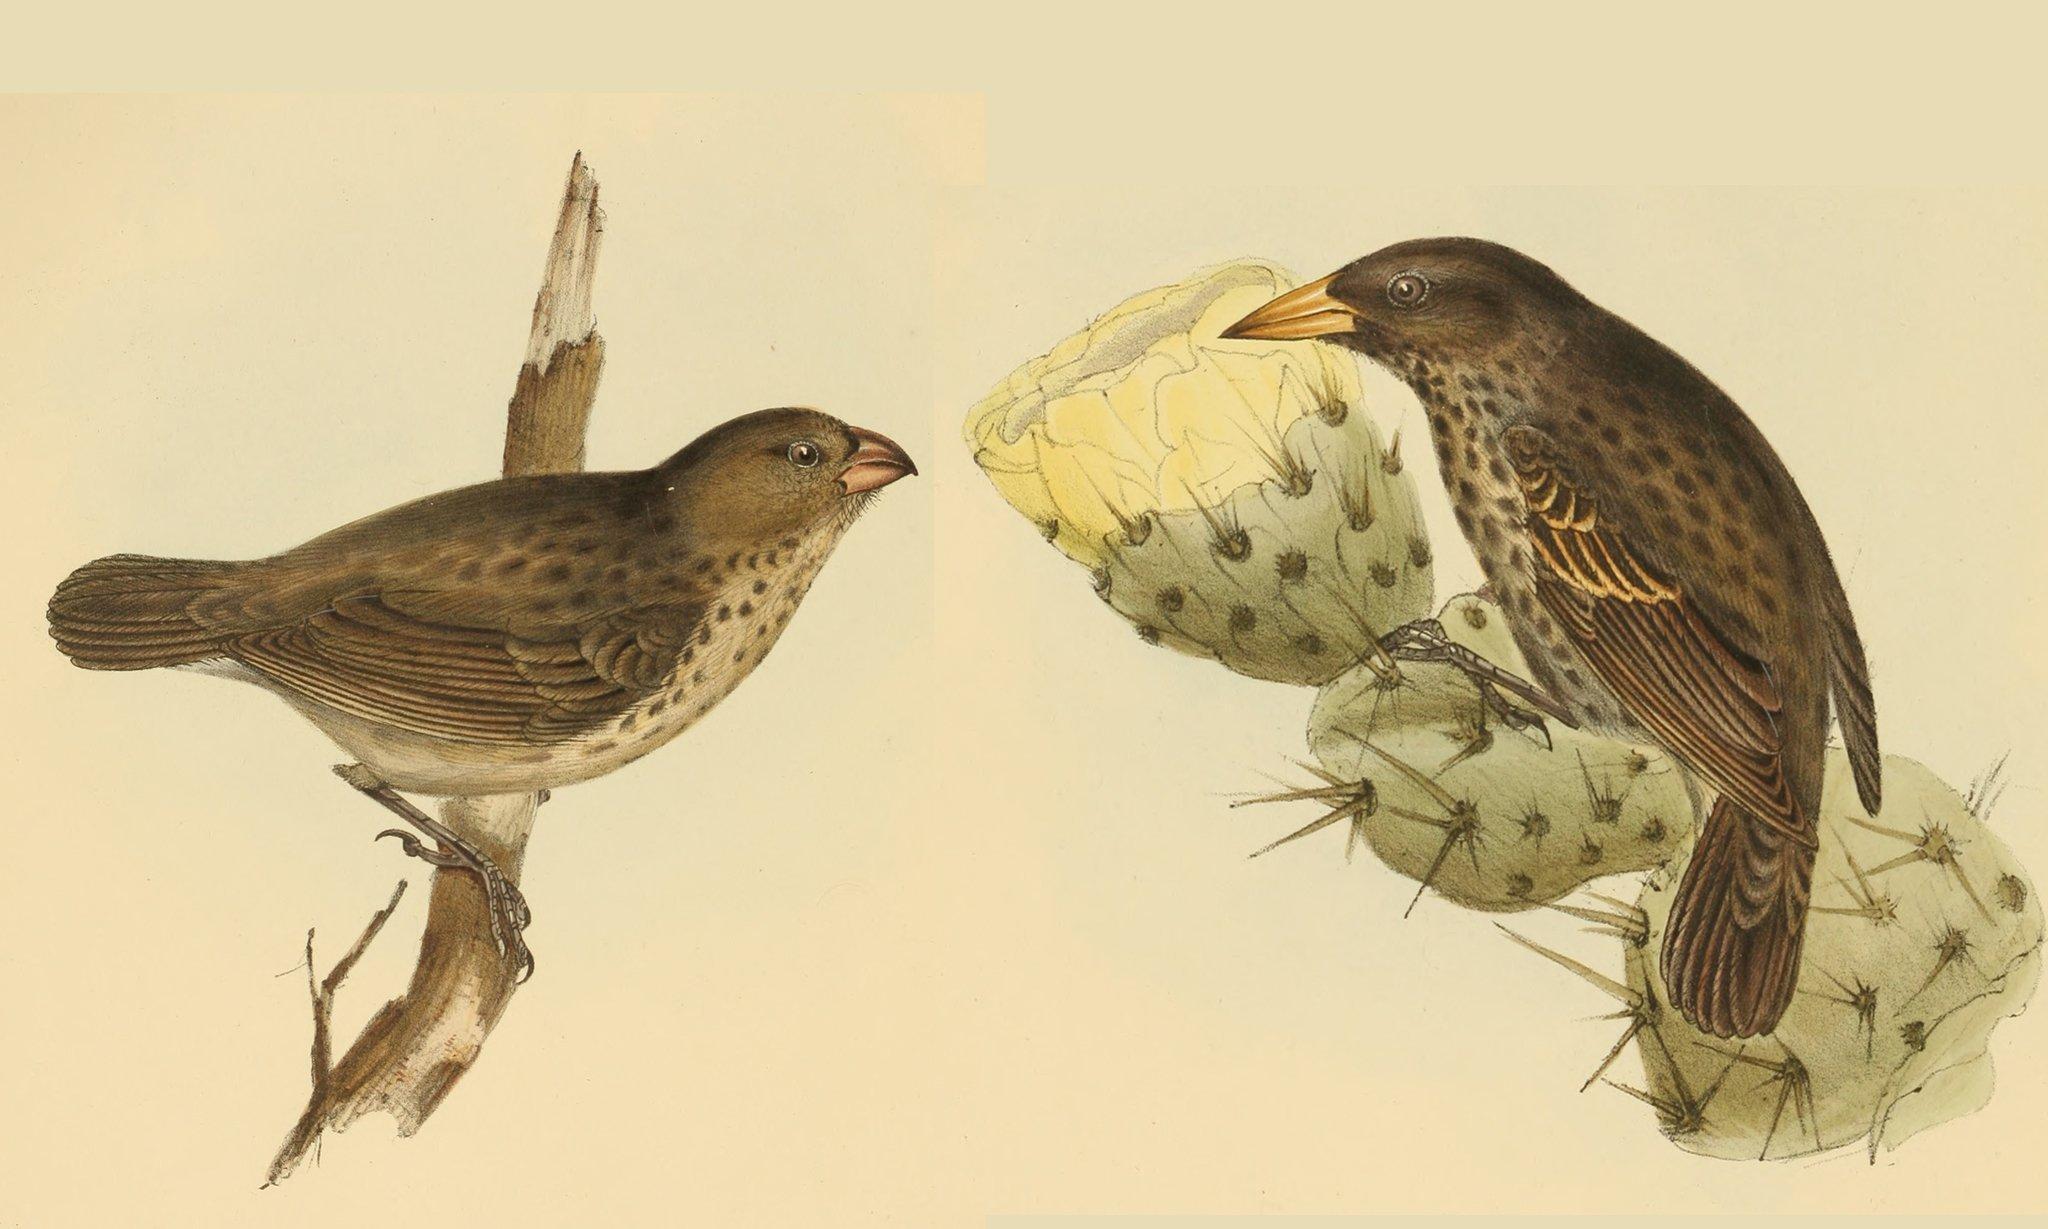 Auf dem Bild sind zwei Beispiele von Finkenarten zu sehen, die Charles Darwin auf den Galapagosinseln erforschte und die der Zeichner John Gould filigran und detailgetreu vor gelblichem Hintergrund darstellte. Der linke sitzt auf einem Zweig und hat einen kurzen, dicken Schnabel. Der rechte sitzt auf einem Kaktus; sein Schnabel ist viel länger und spitzer. Ansonsten sehen sich beide recht ähnlich mit braunem Rücken, beiger Brust und dunklen Punkten. Darwin erkannte, dass beide sich aus demselben Vorfahren entwickelt haben müssen